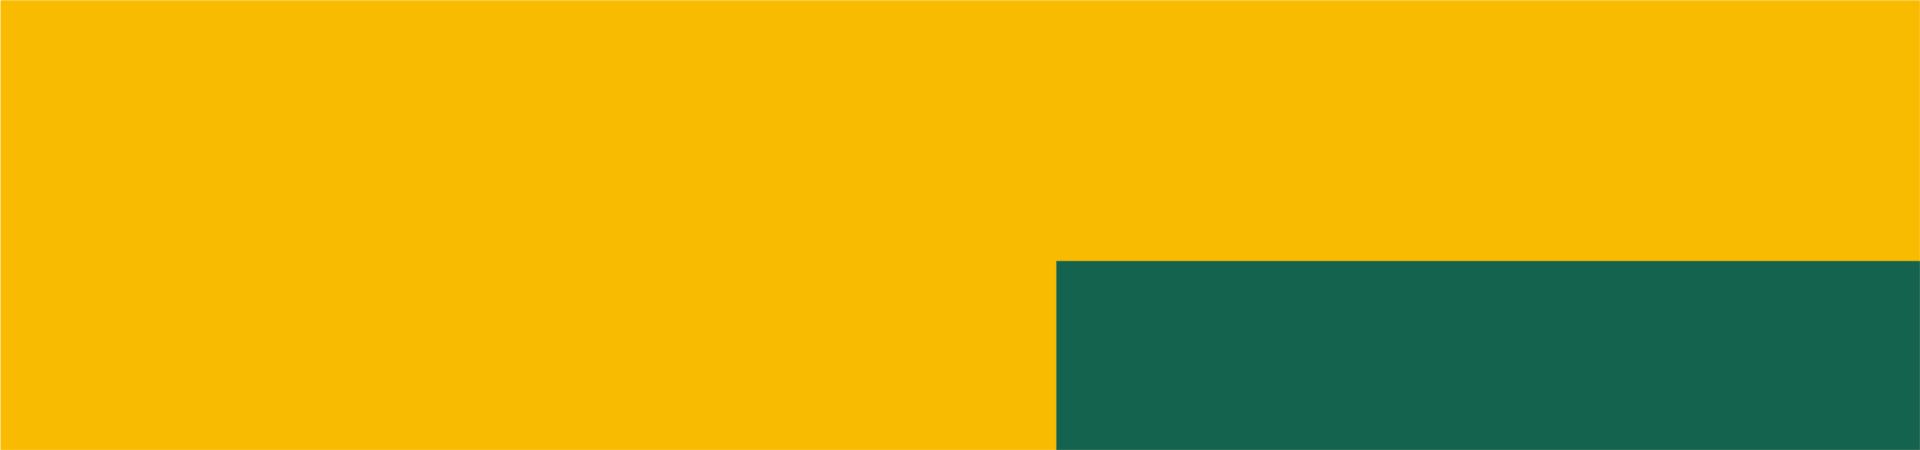 Banner de topo interno - Matrículas 2020/01